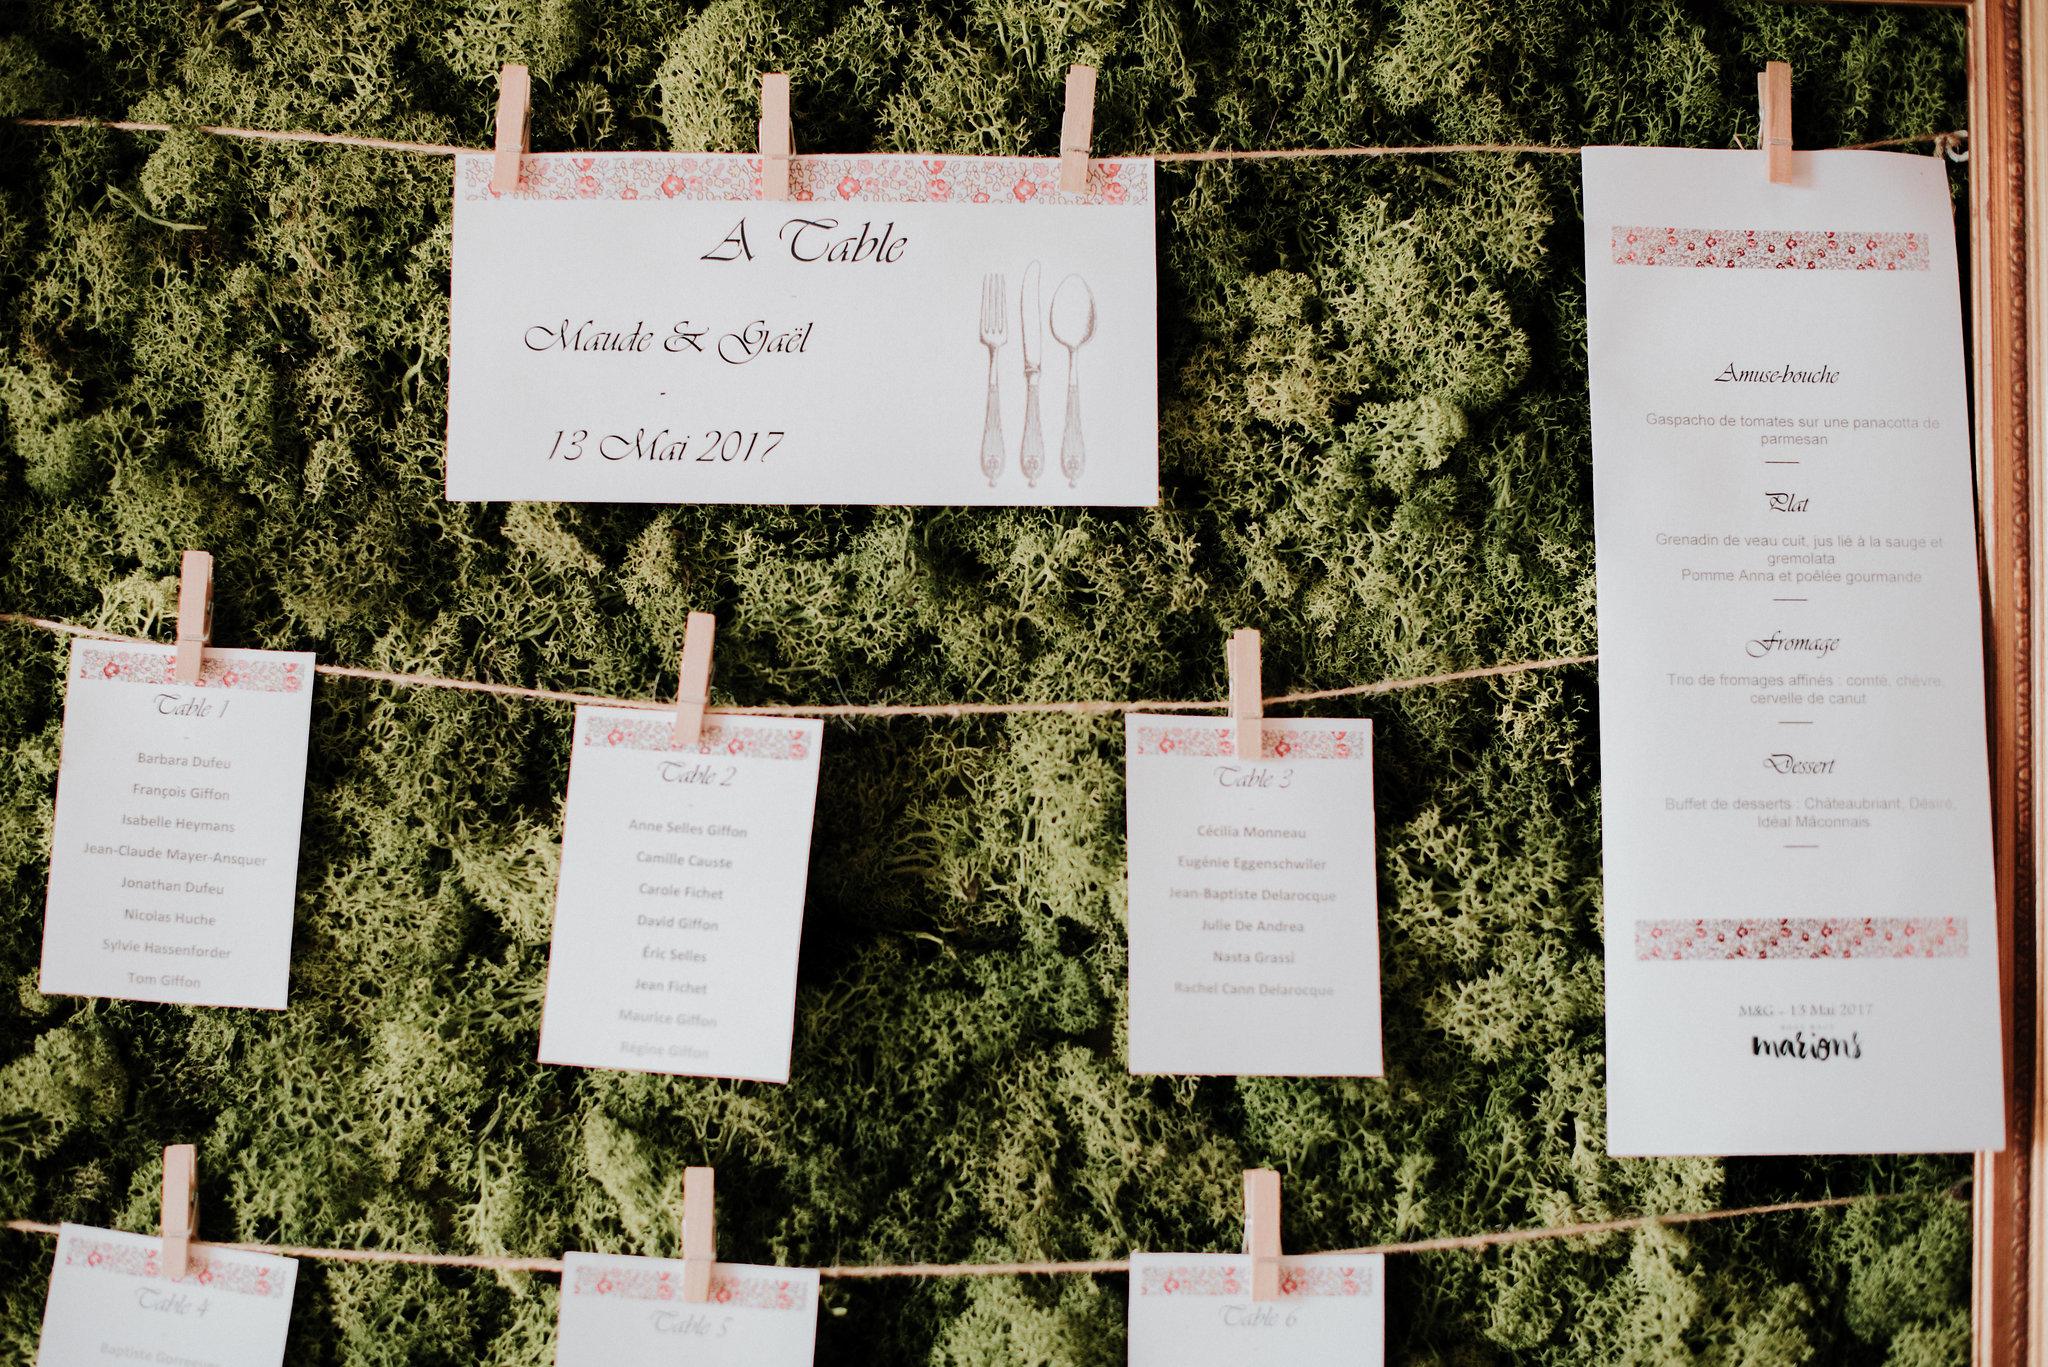 Léa-Fery-photographe-professionnel-lyon-rhone-alpes-portrait-creation-mariage-evenement-evenementiel-famille-2205.jpg